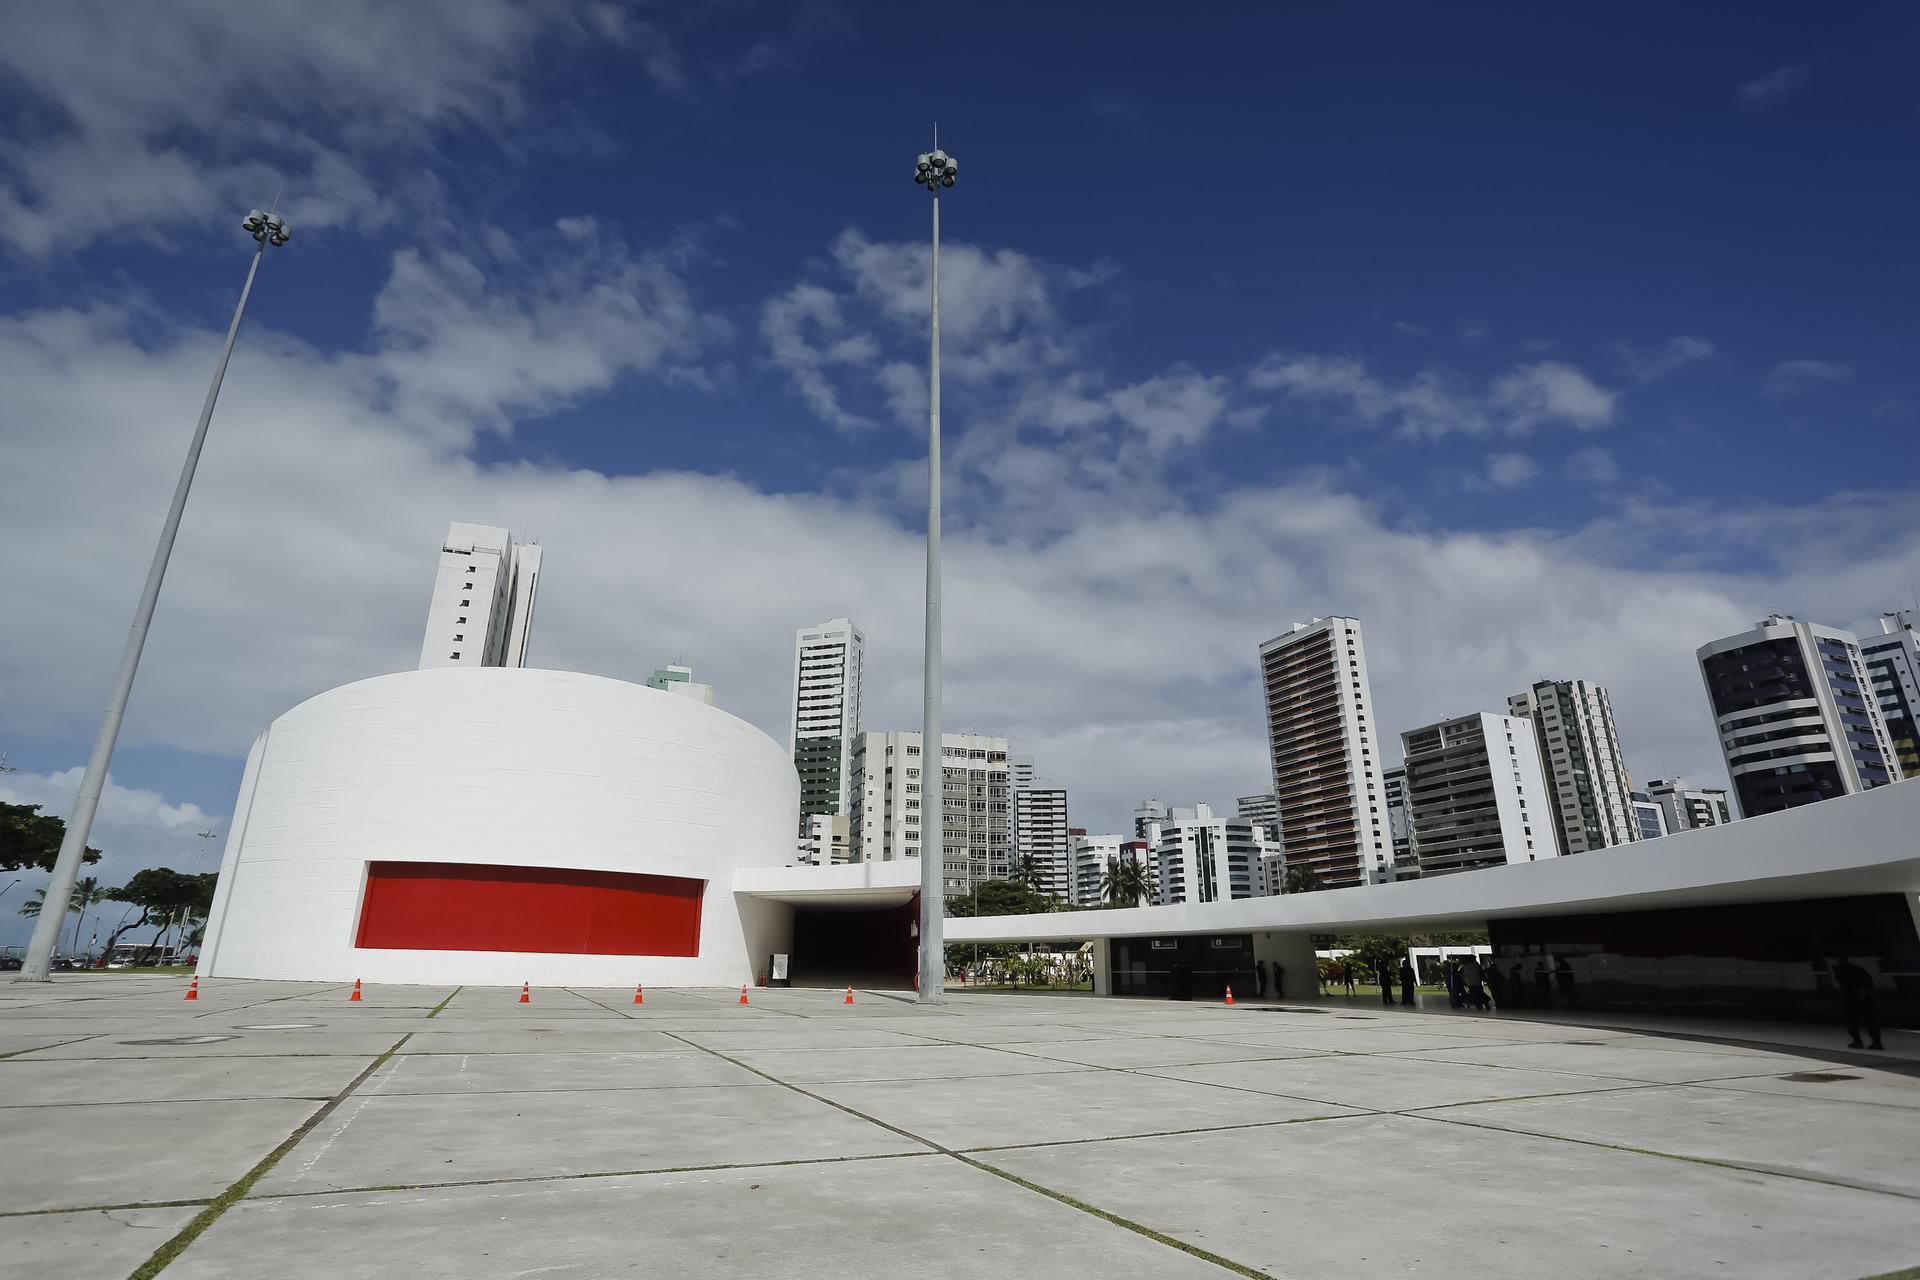 Teatro Luiz Mendonça - por Andréa Rêgo Barros